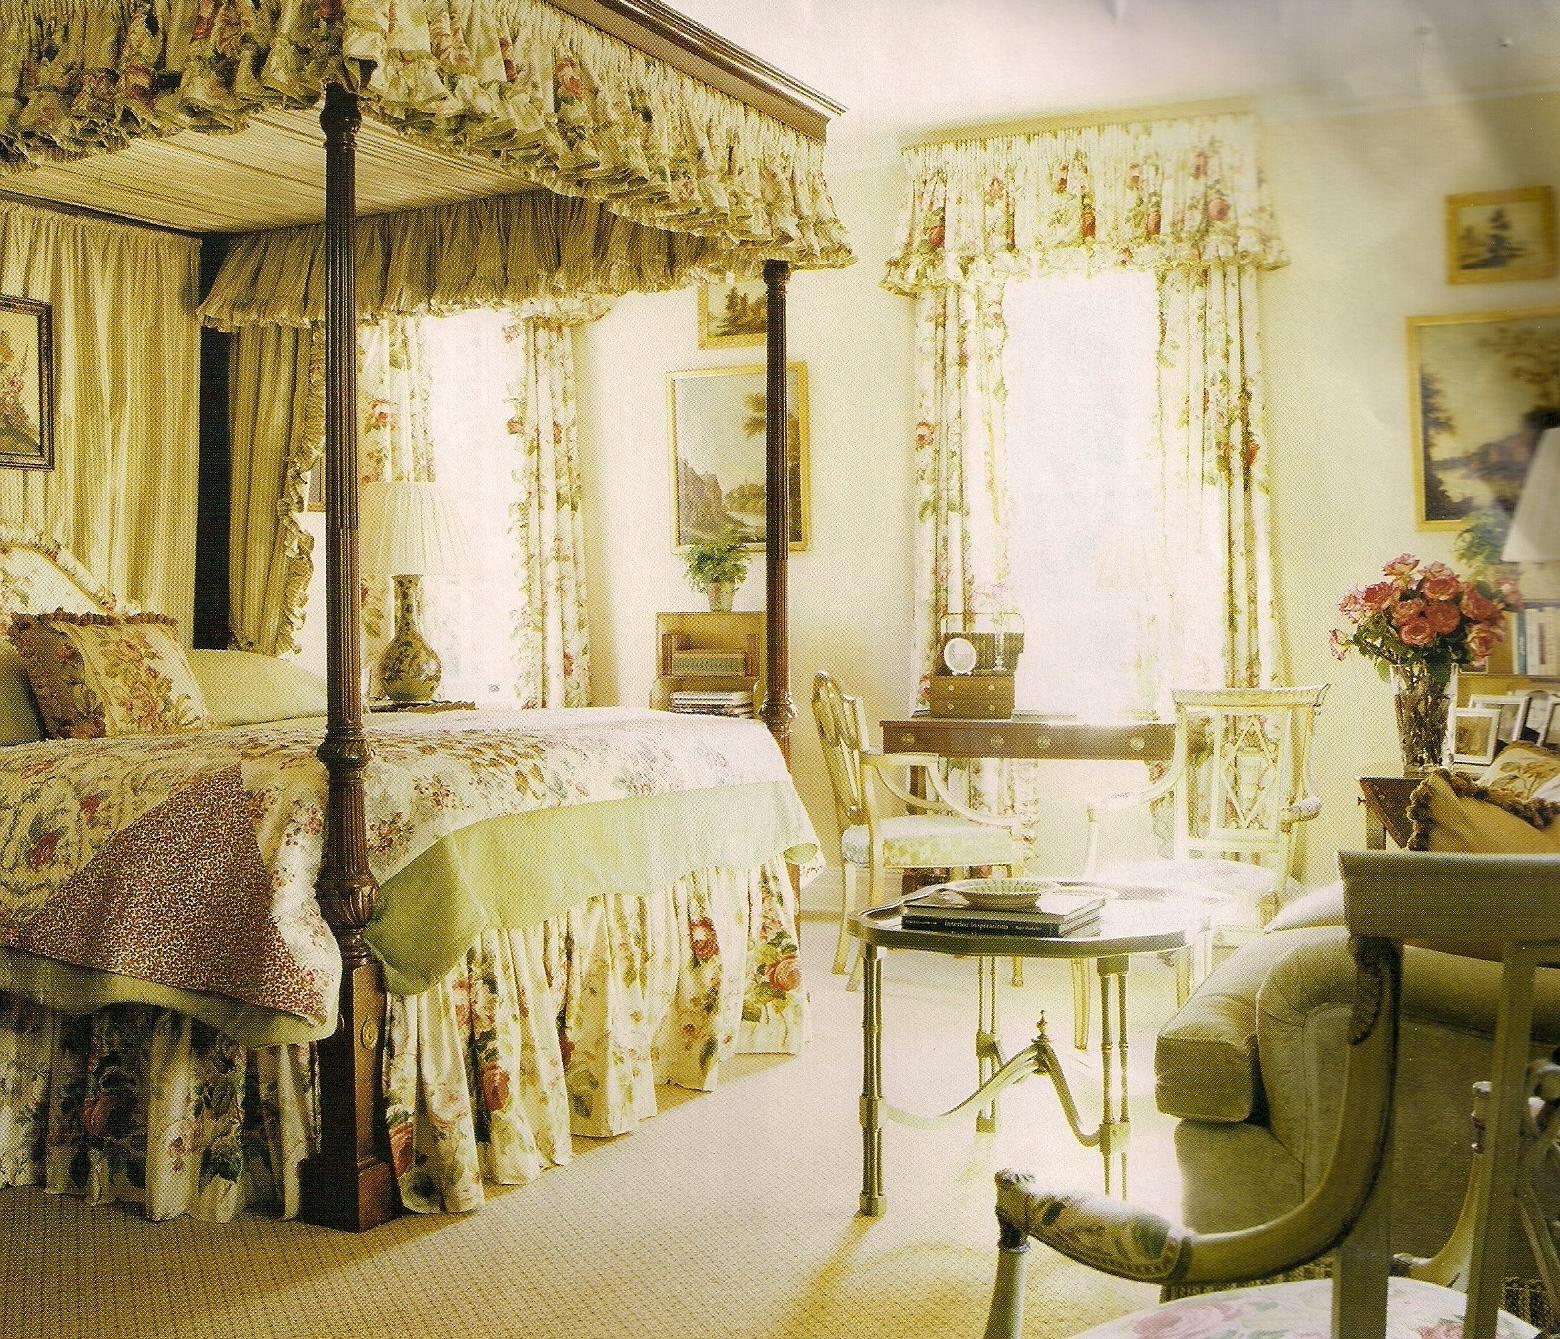 linge maison luxe images. Black Bedroom Furniture Sets. Home Design Ideas